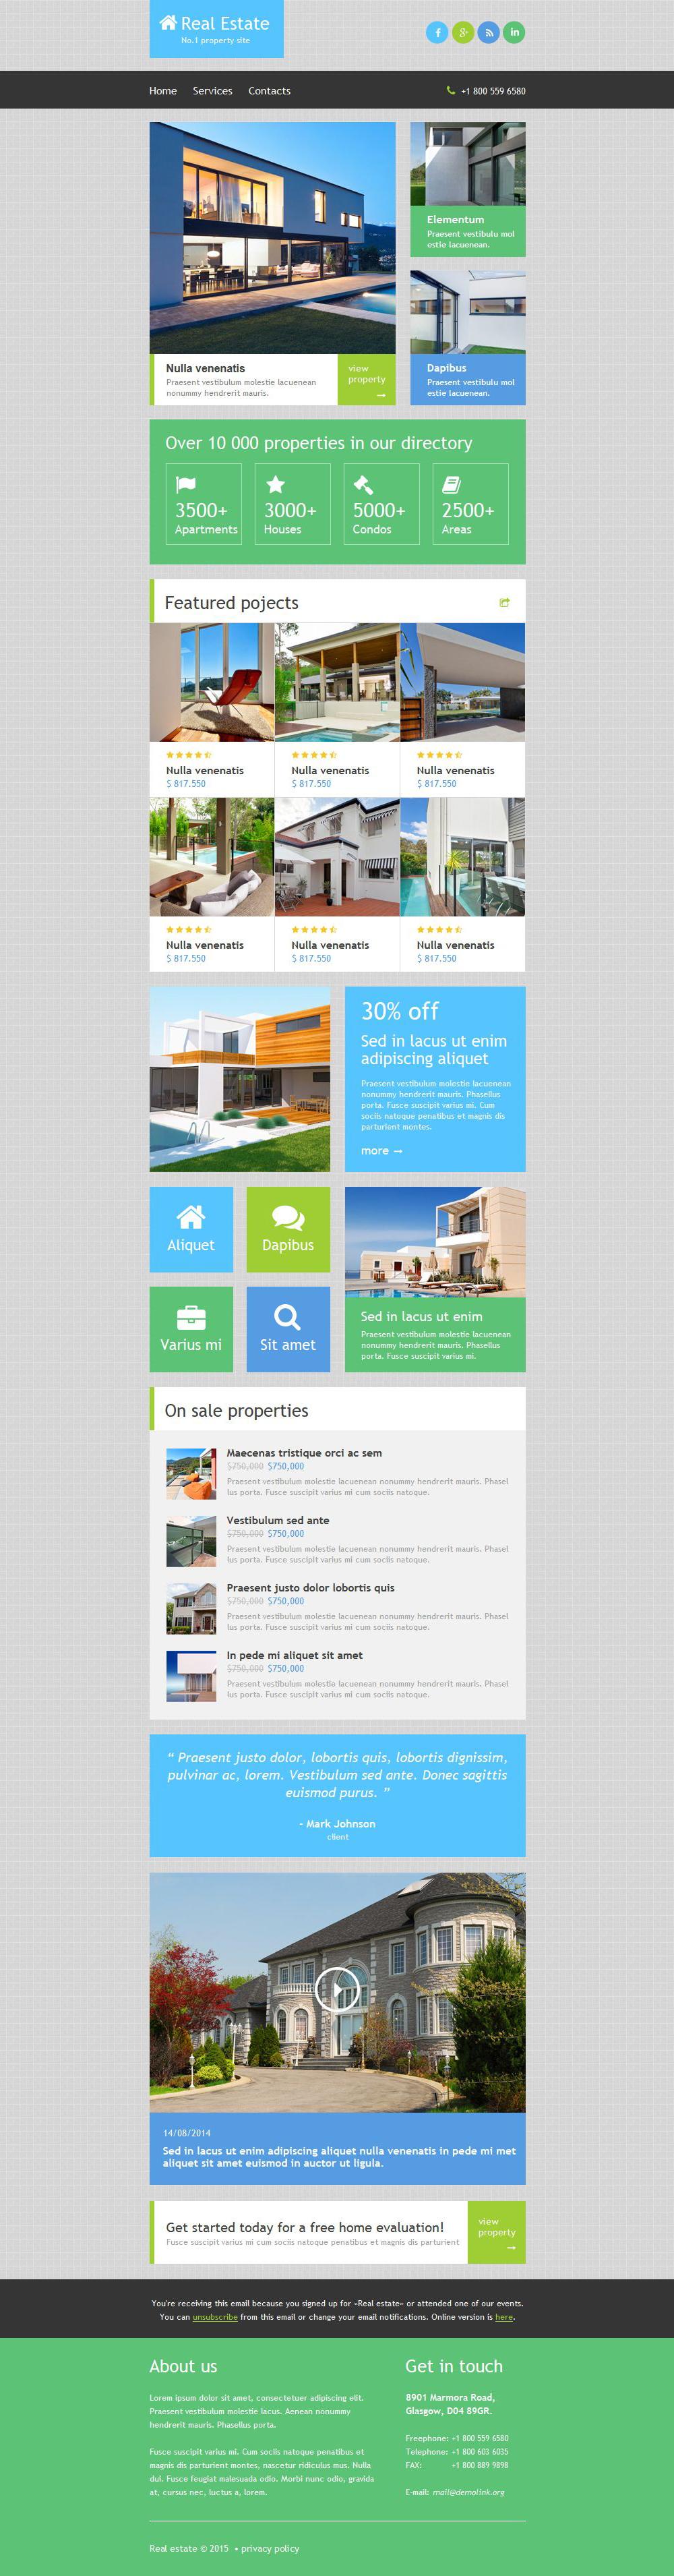 Plantilla De Boletín De Noticias Responsive para Sitio de Agencias inmobiliarias #52885